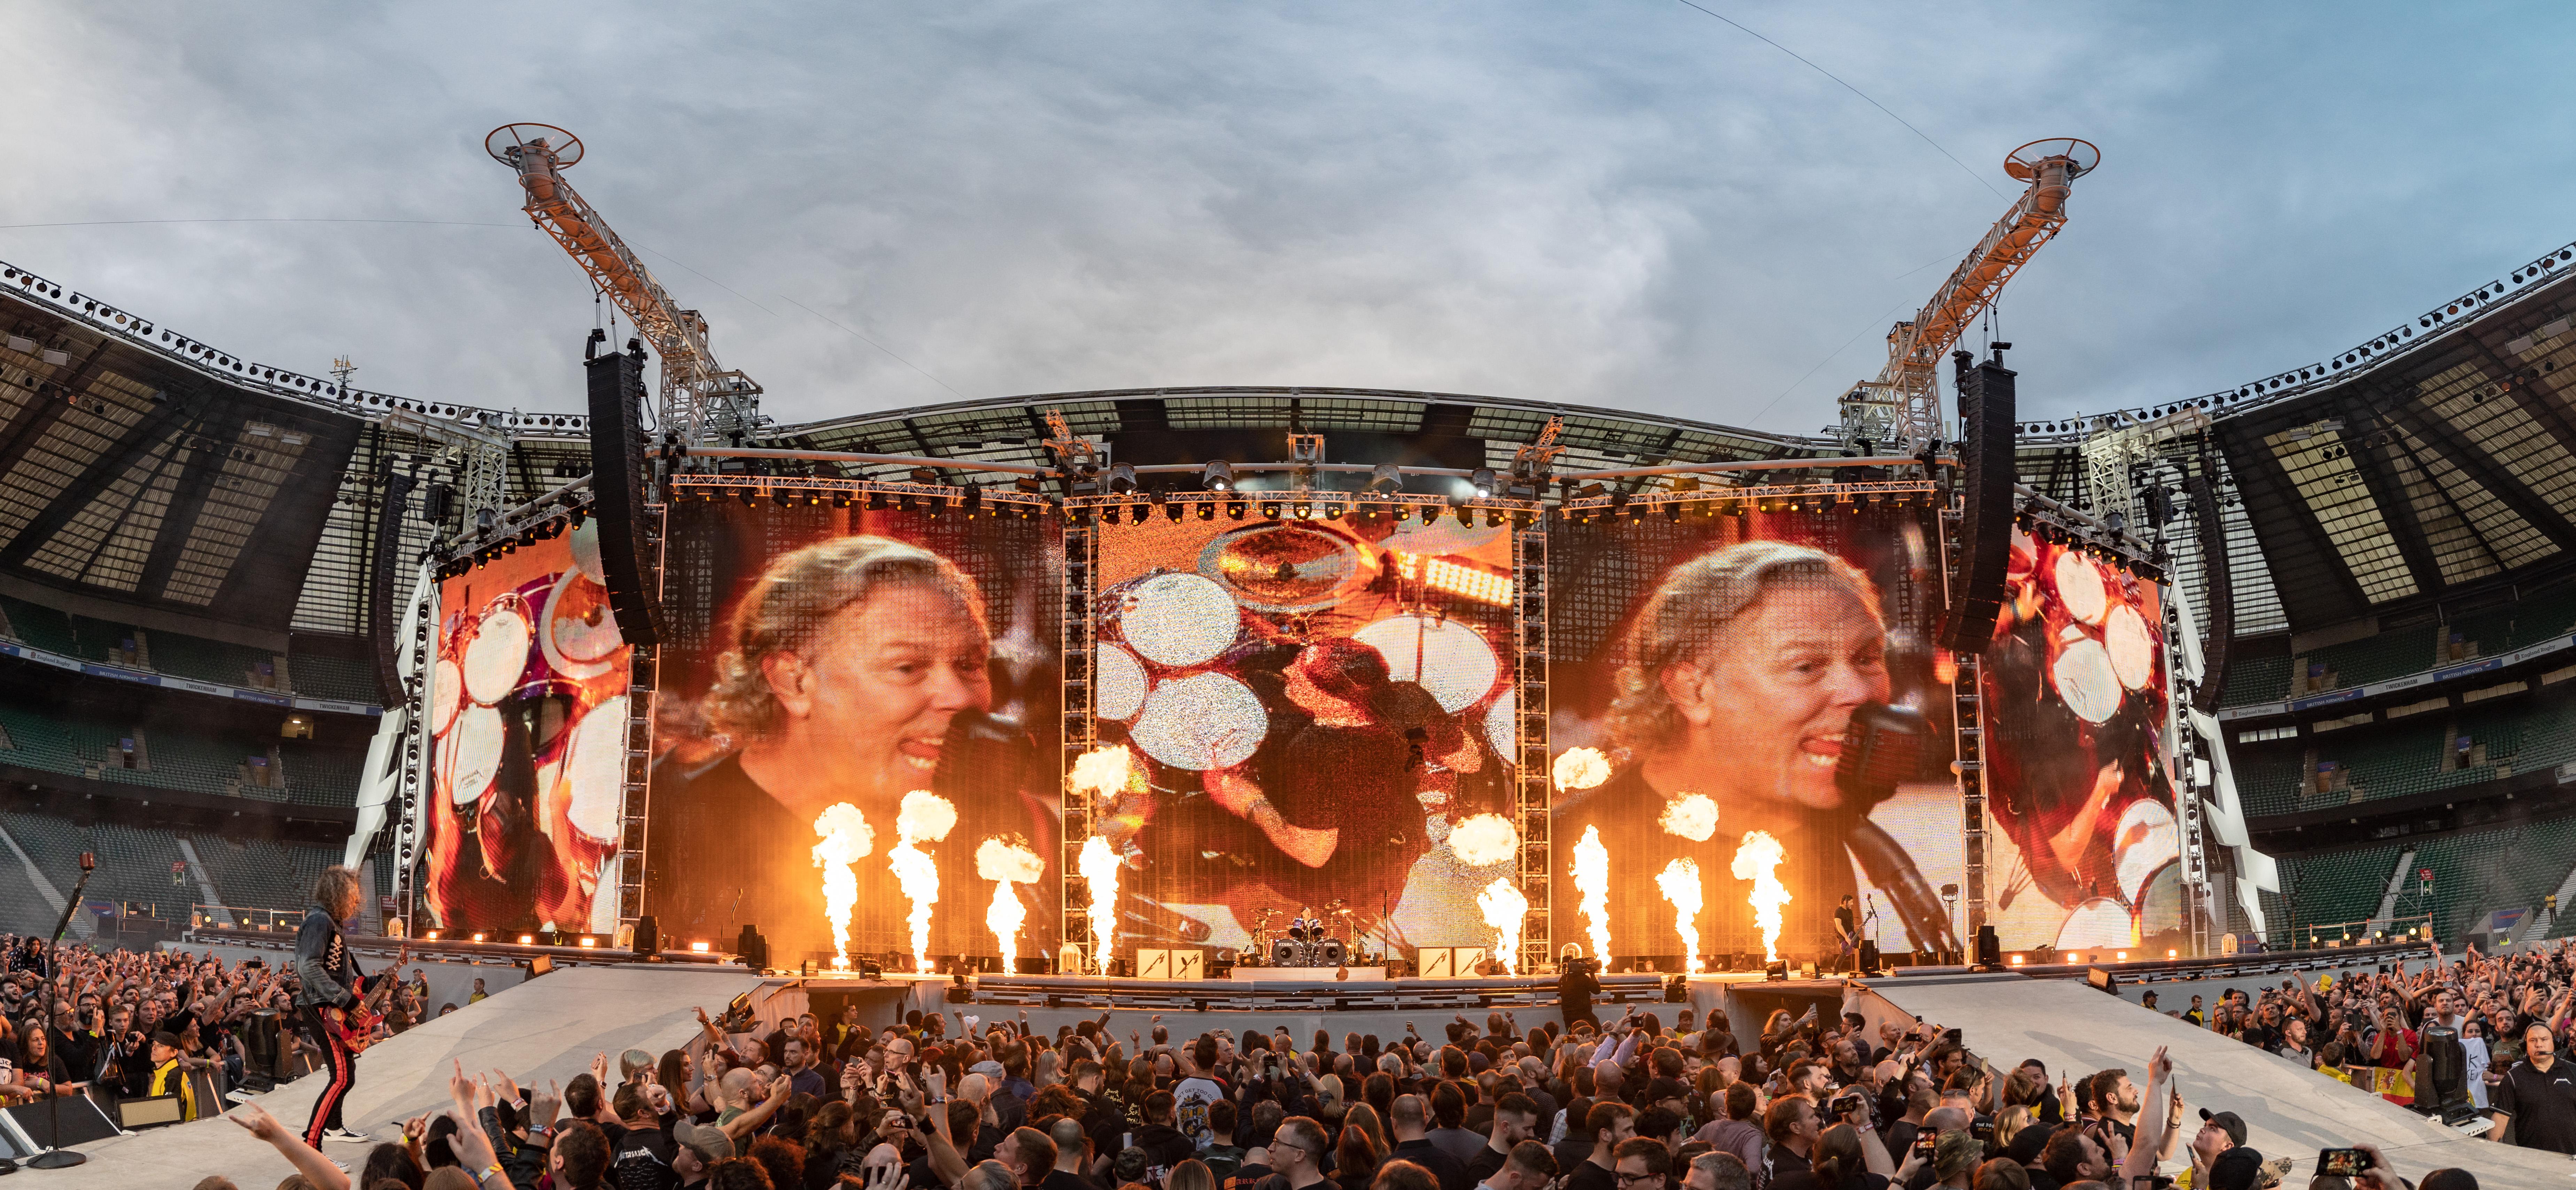 ¡Fecha confirmada! Metallica regresa a la Argentina el 18 de abril de 2020 - Radio Cantilo